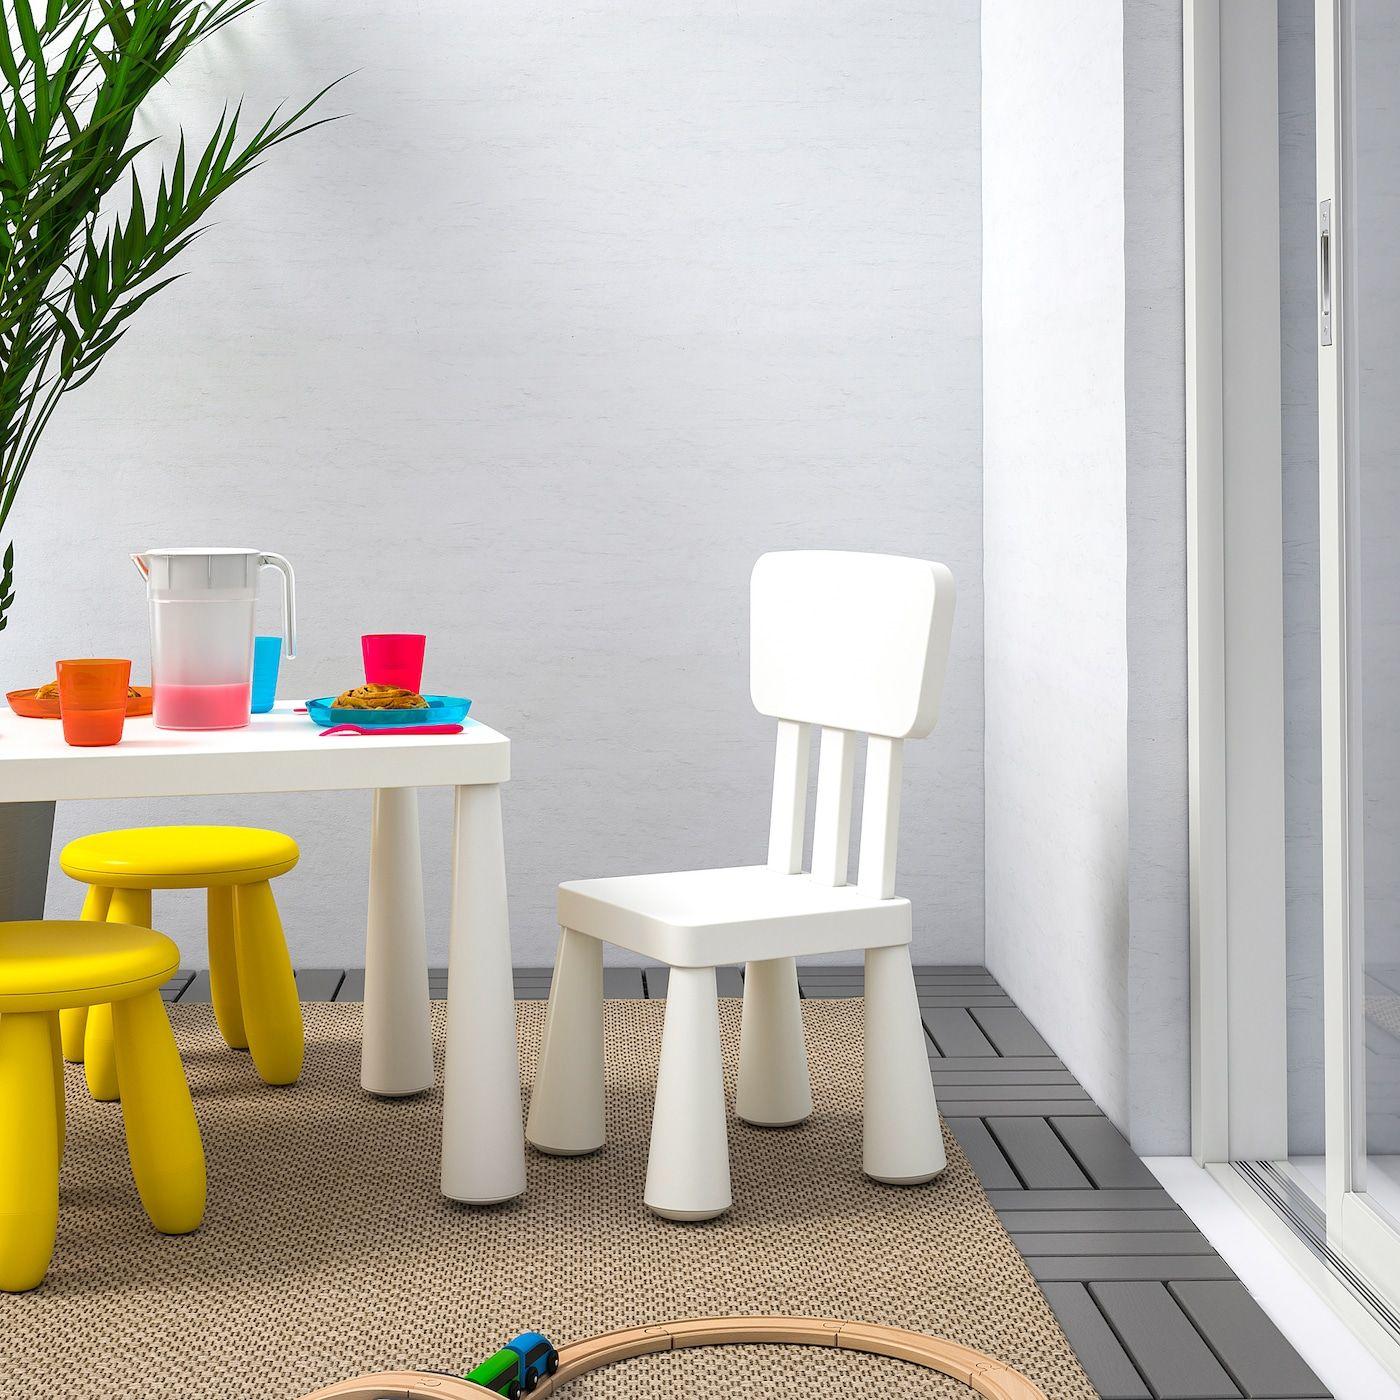 MAMMUT Children's chair indoor/outdoor, white 2020